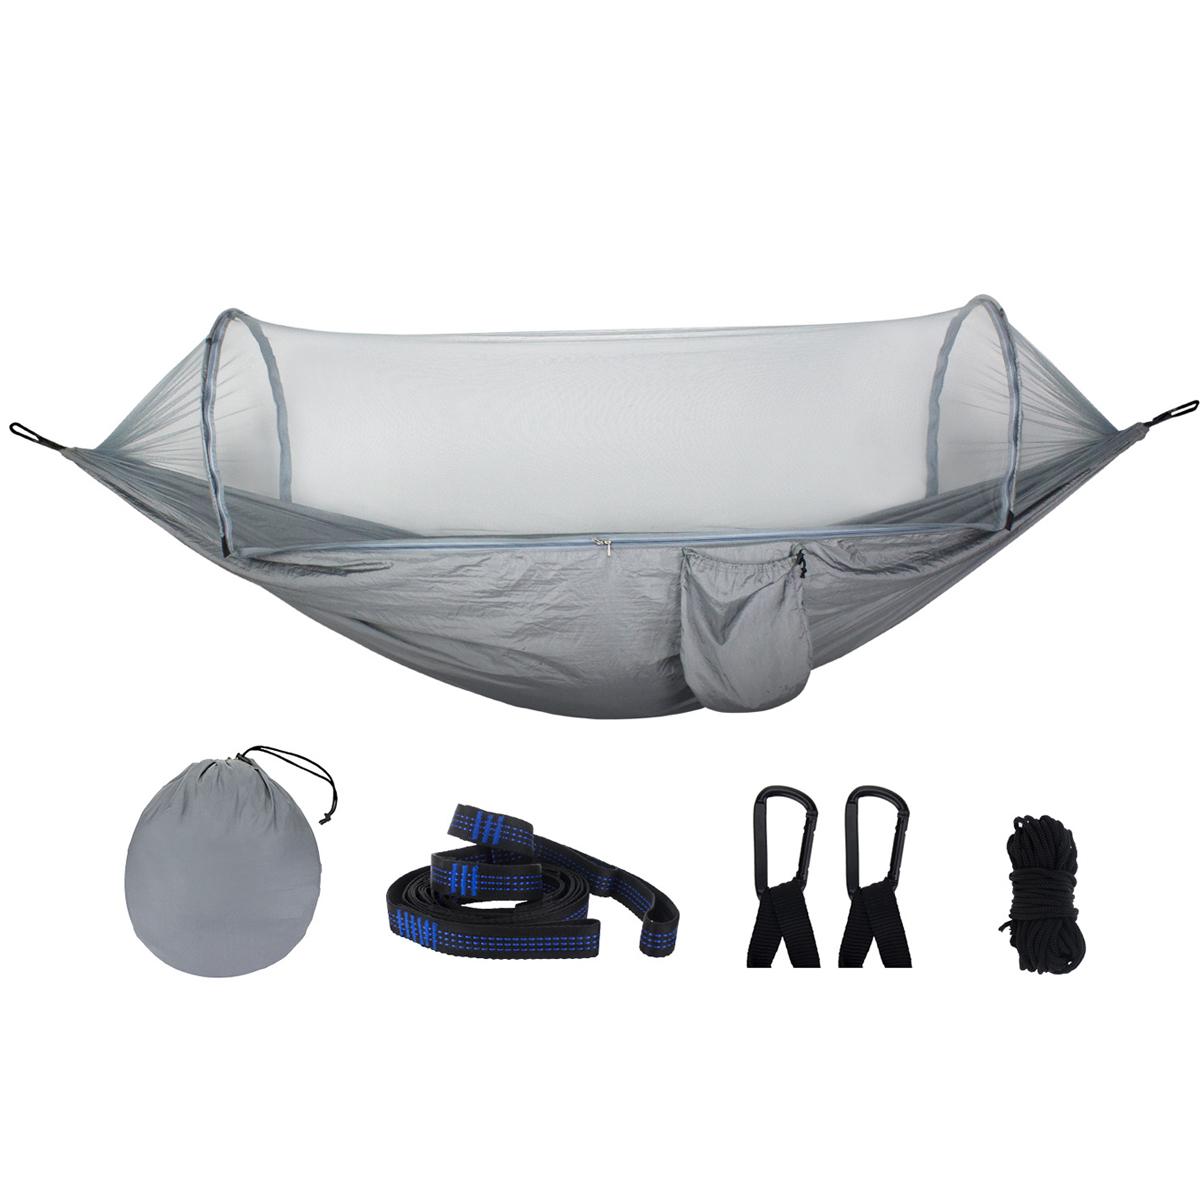 См Auto Quick Open Гамак На открытом воздухе Кемпинг Подвесная качающаяся кровать с москитной сеткой Макс. Нагрузка 250 кг